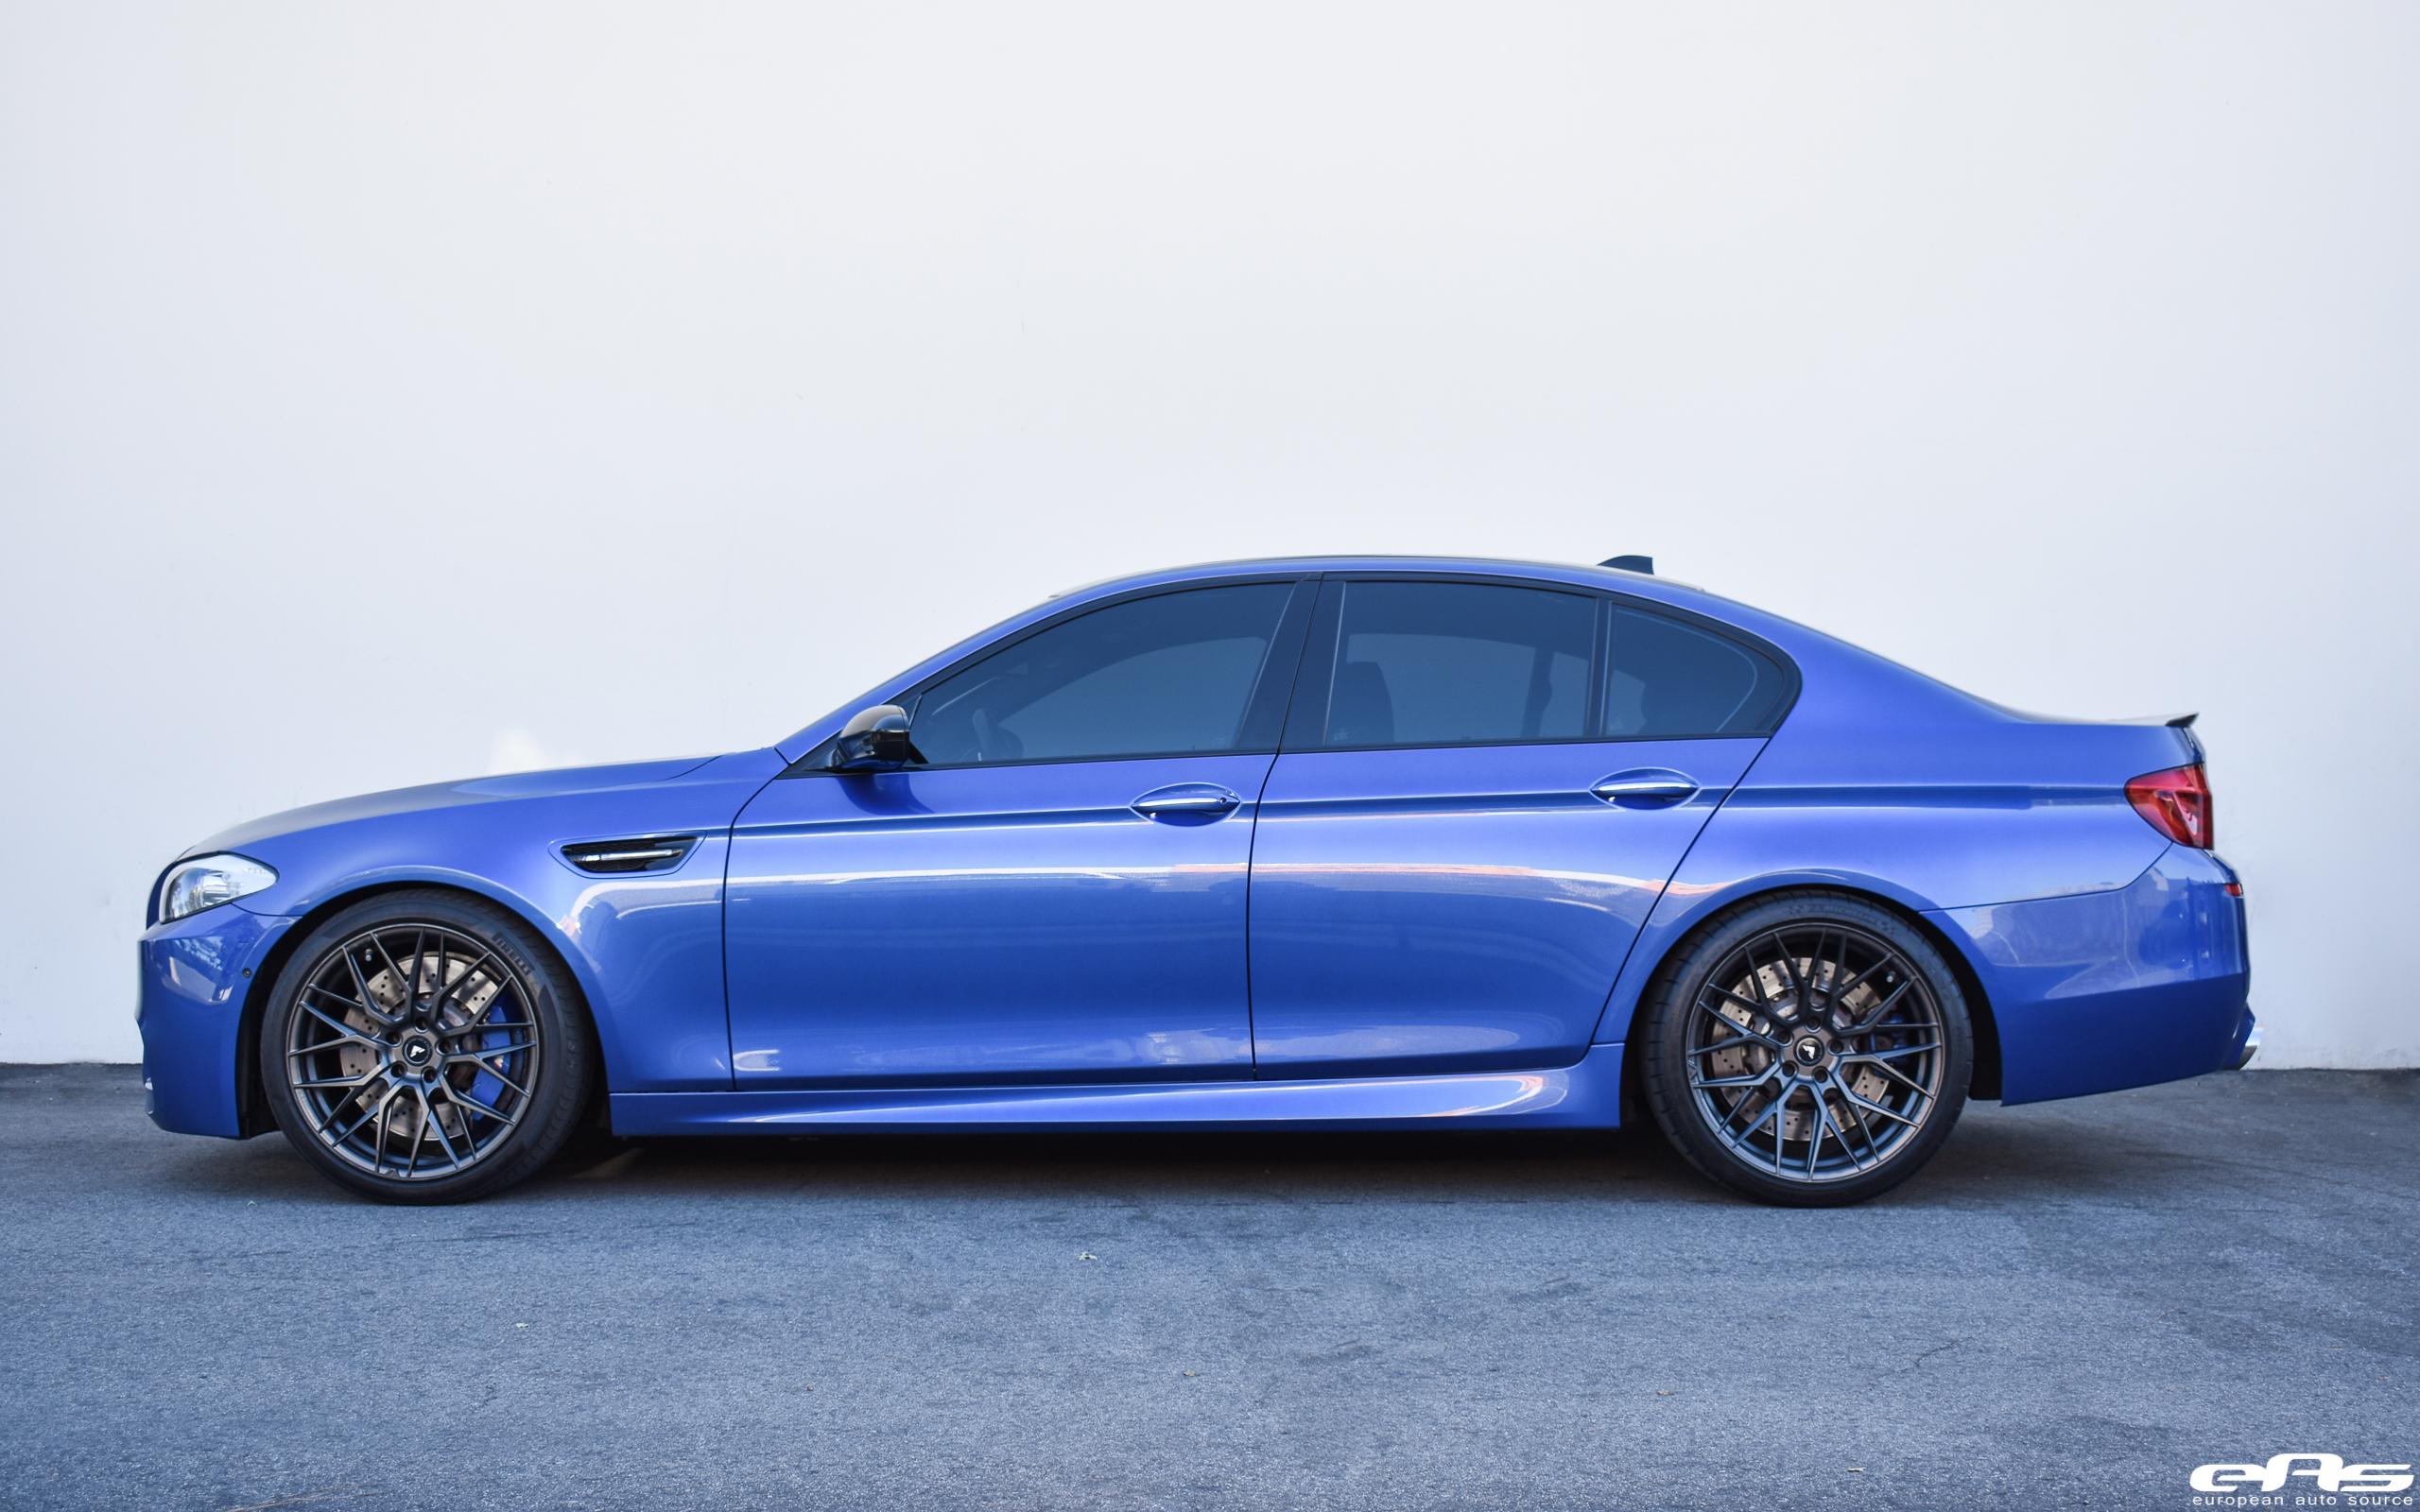 Monte Carlo Blue BMW F10 M5 Vorsteiner V FF 107 Wheels 1